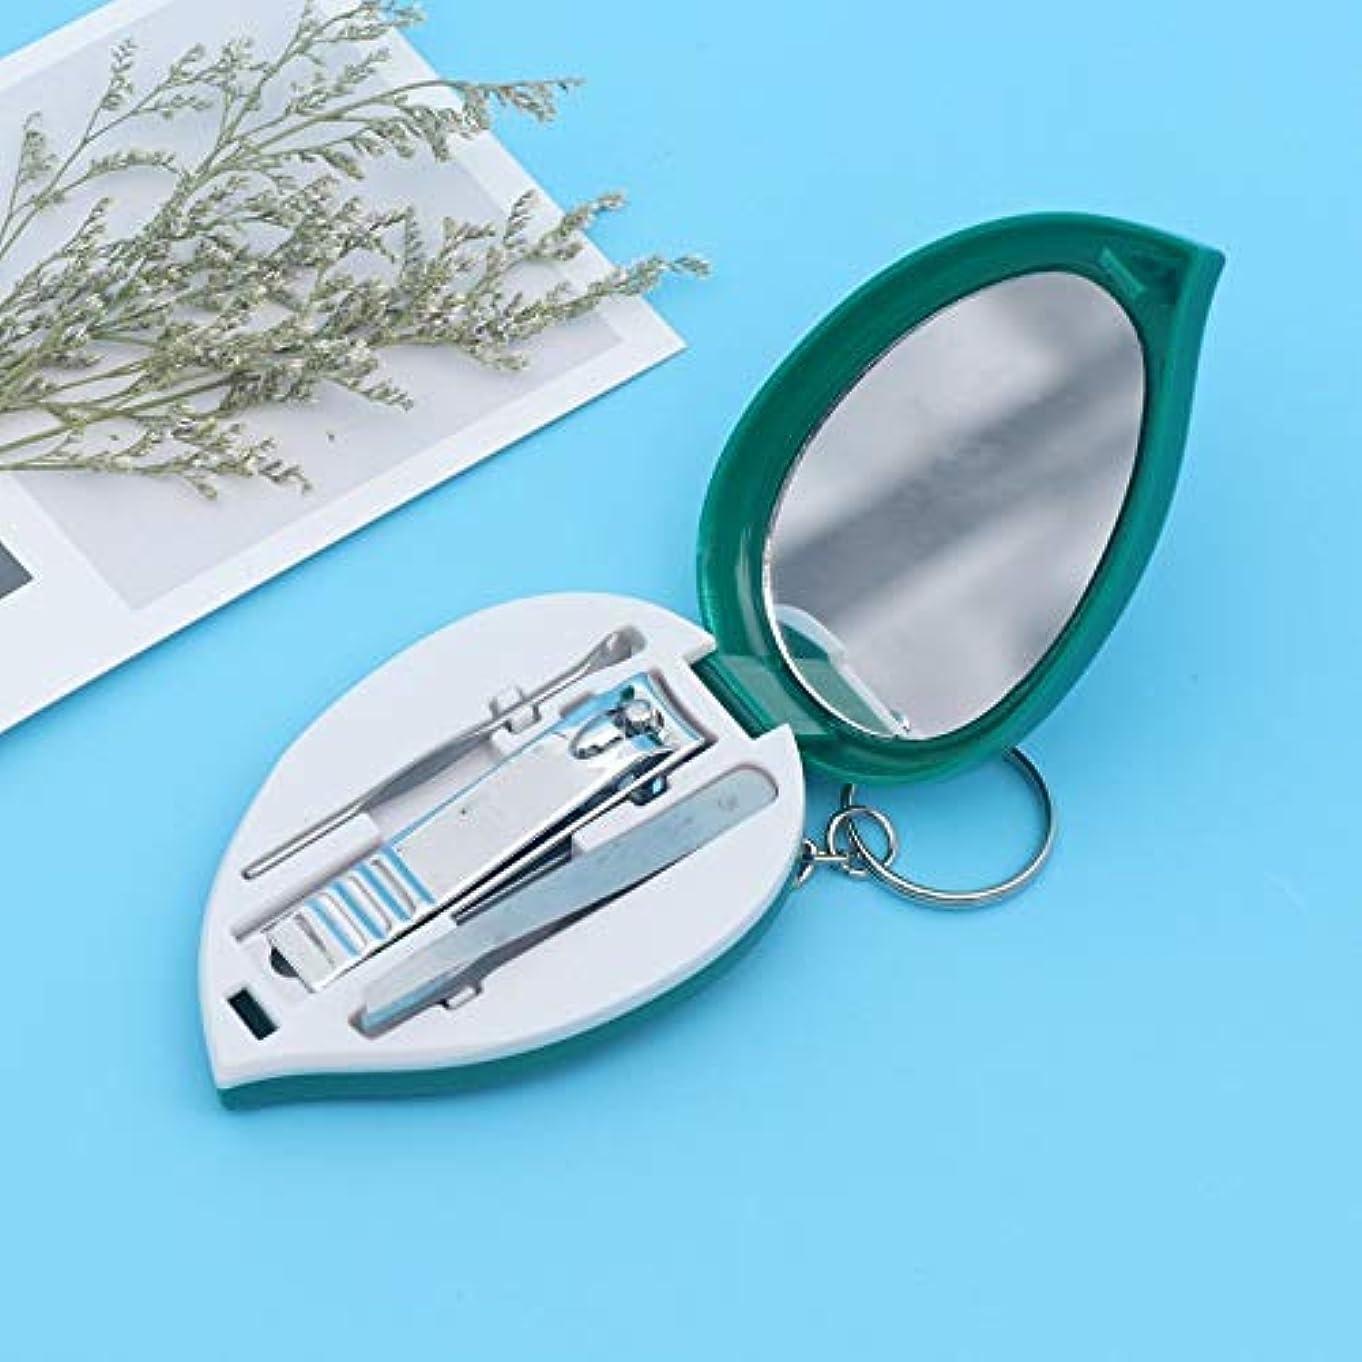 費やす可能にする同時ステンレス鋼の家の美の釘用具セットの爪切りの爪切りセットの眉毛クリップ爪切り3部分セット